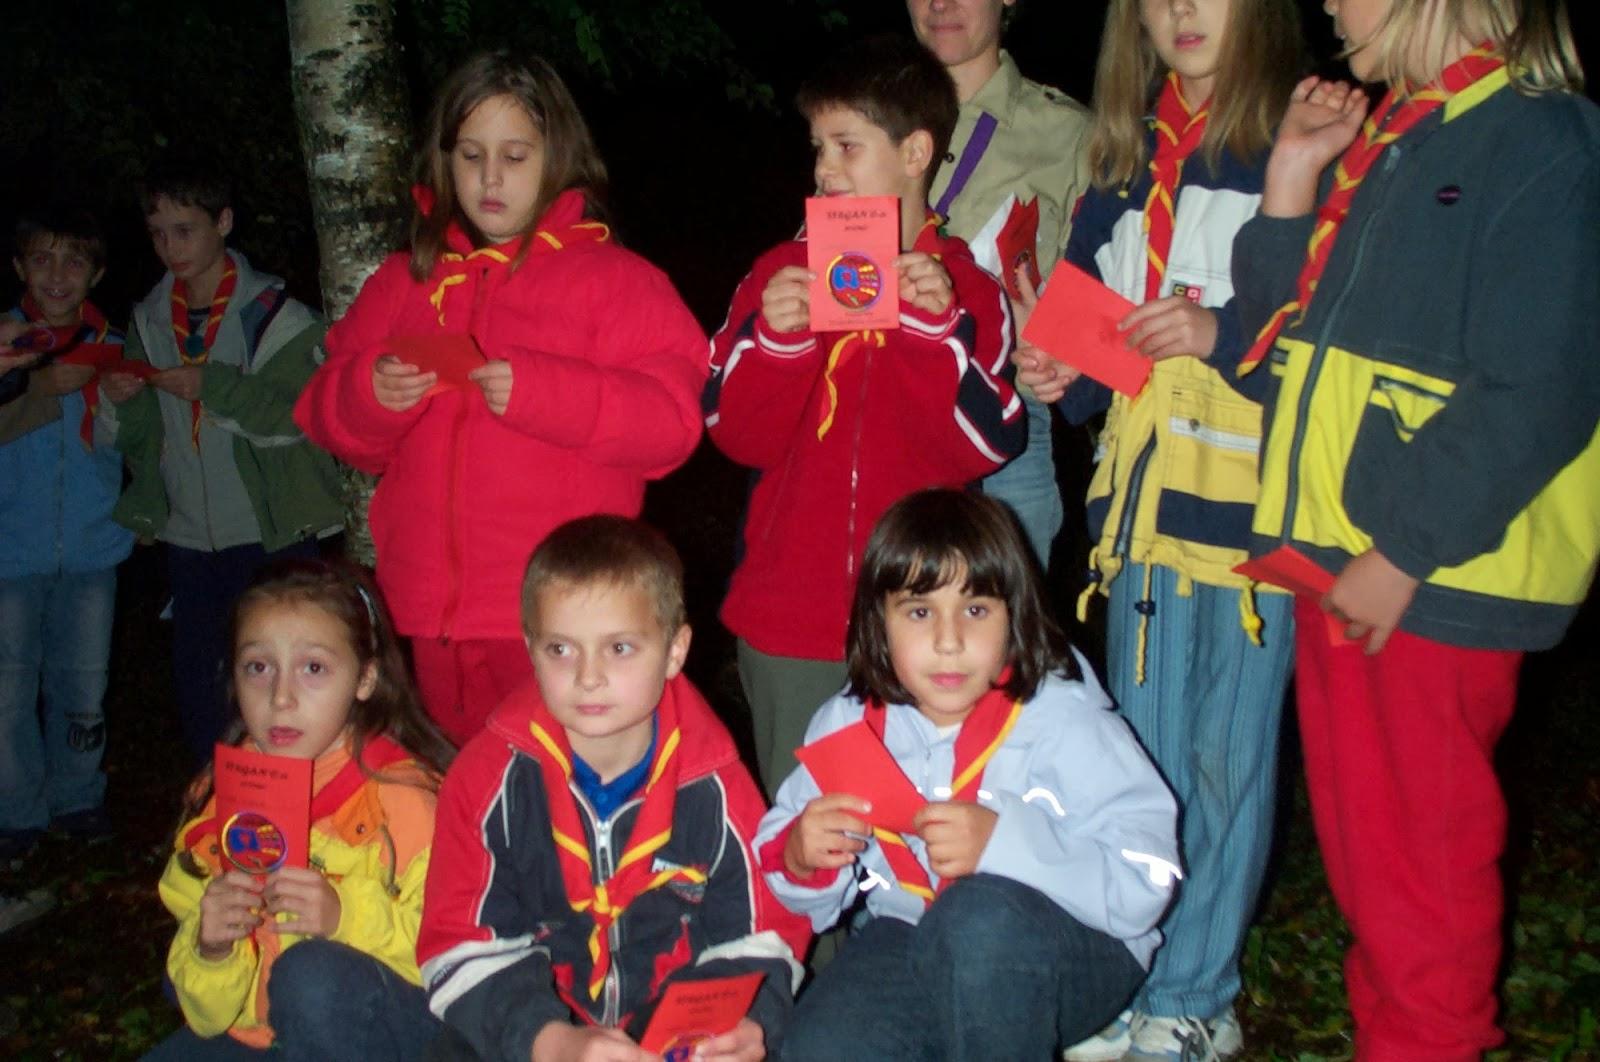 Prisega, Ilirska Bistrica 2004 - Prisega%2B2004%2B041.jpg